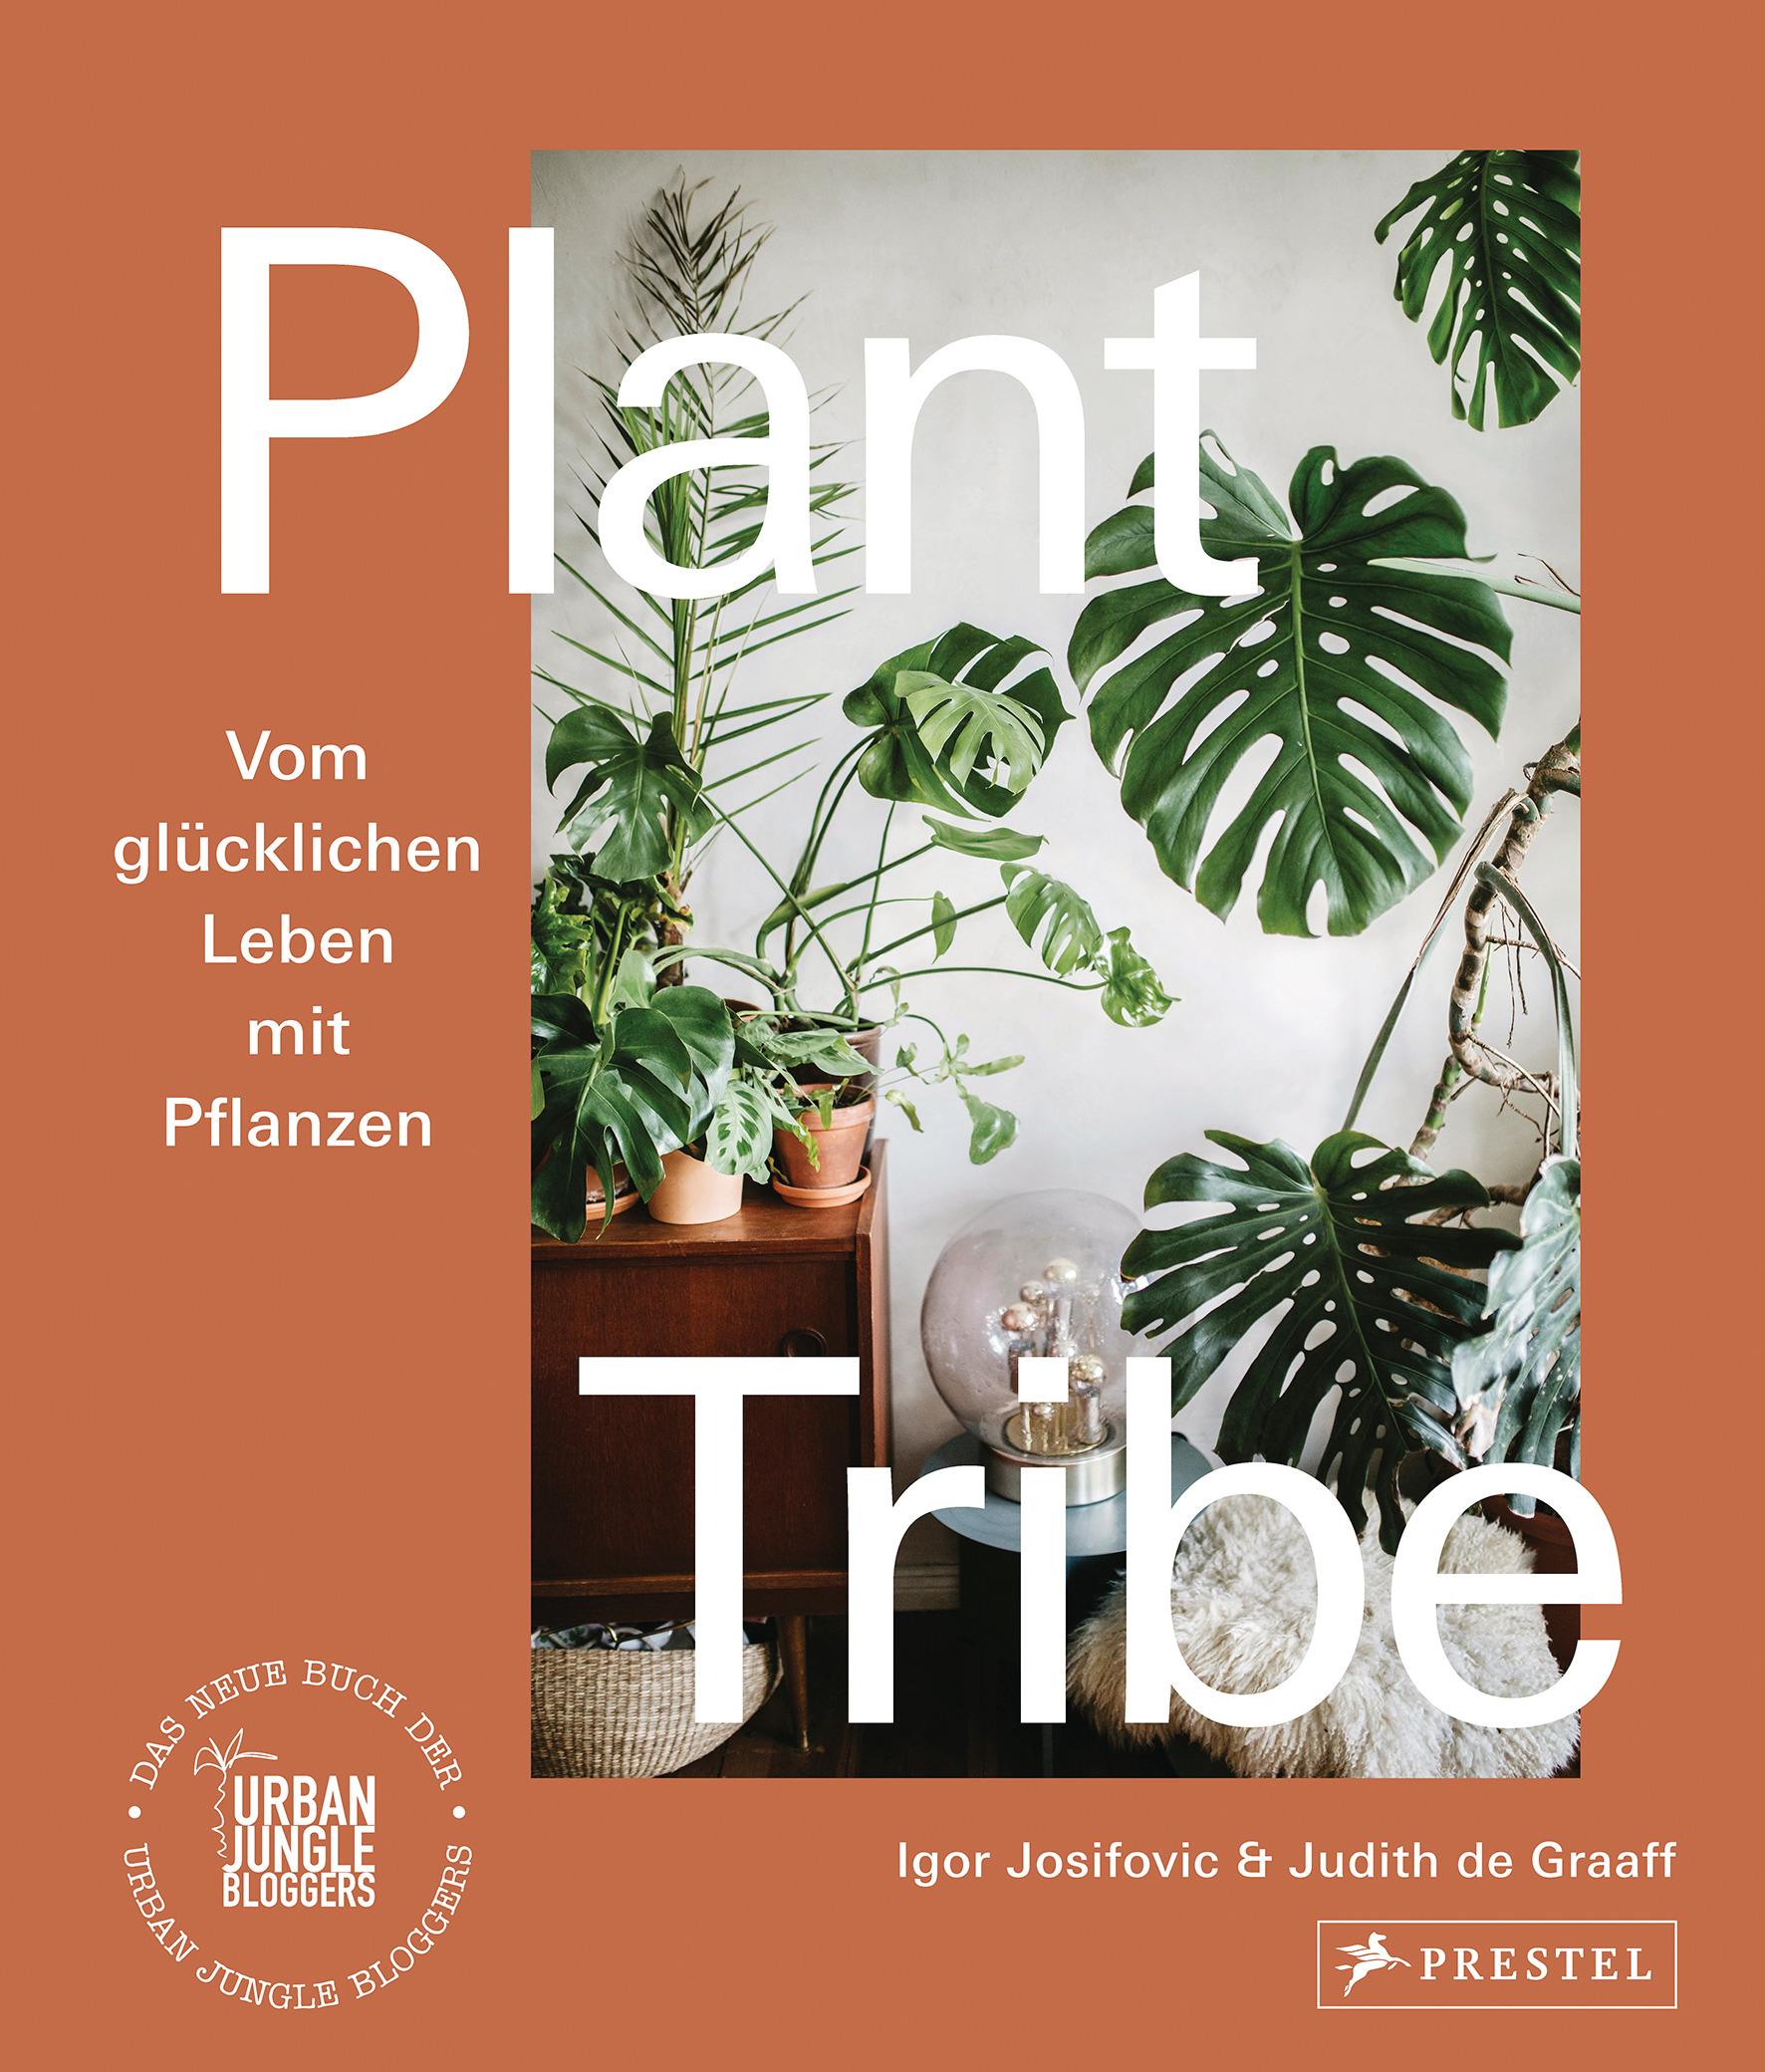 »PLANT TRIBE: VOM GLÜCKLICHEN LEBEN MIT PFLANZEN« — PRESTEL